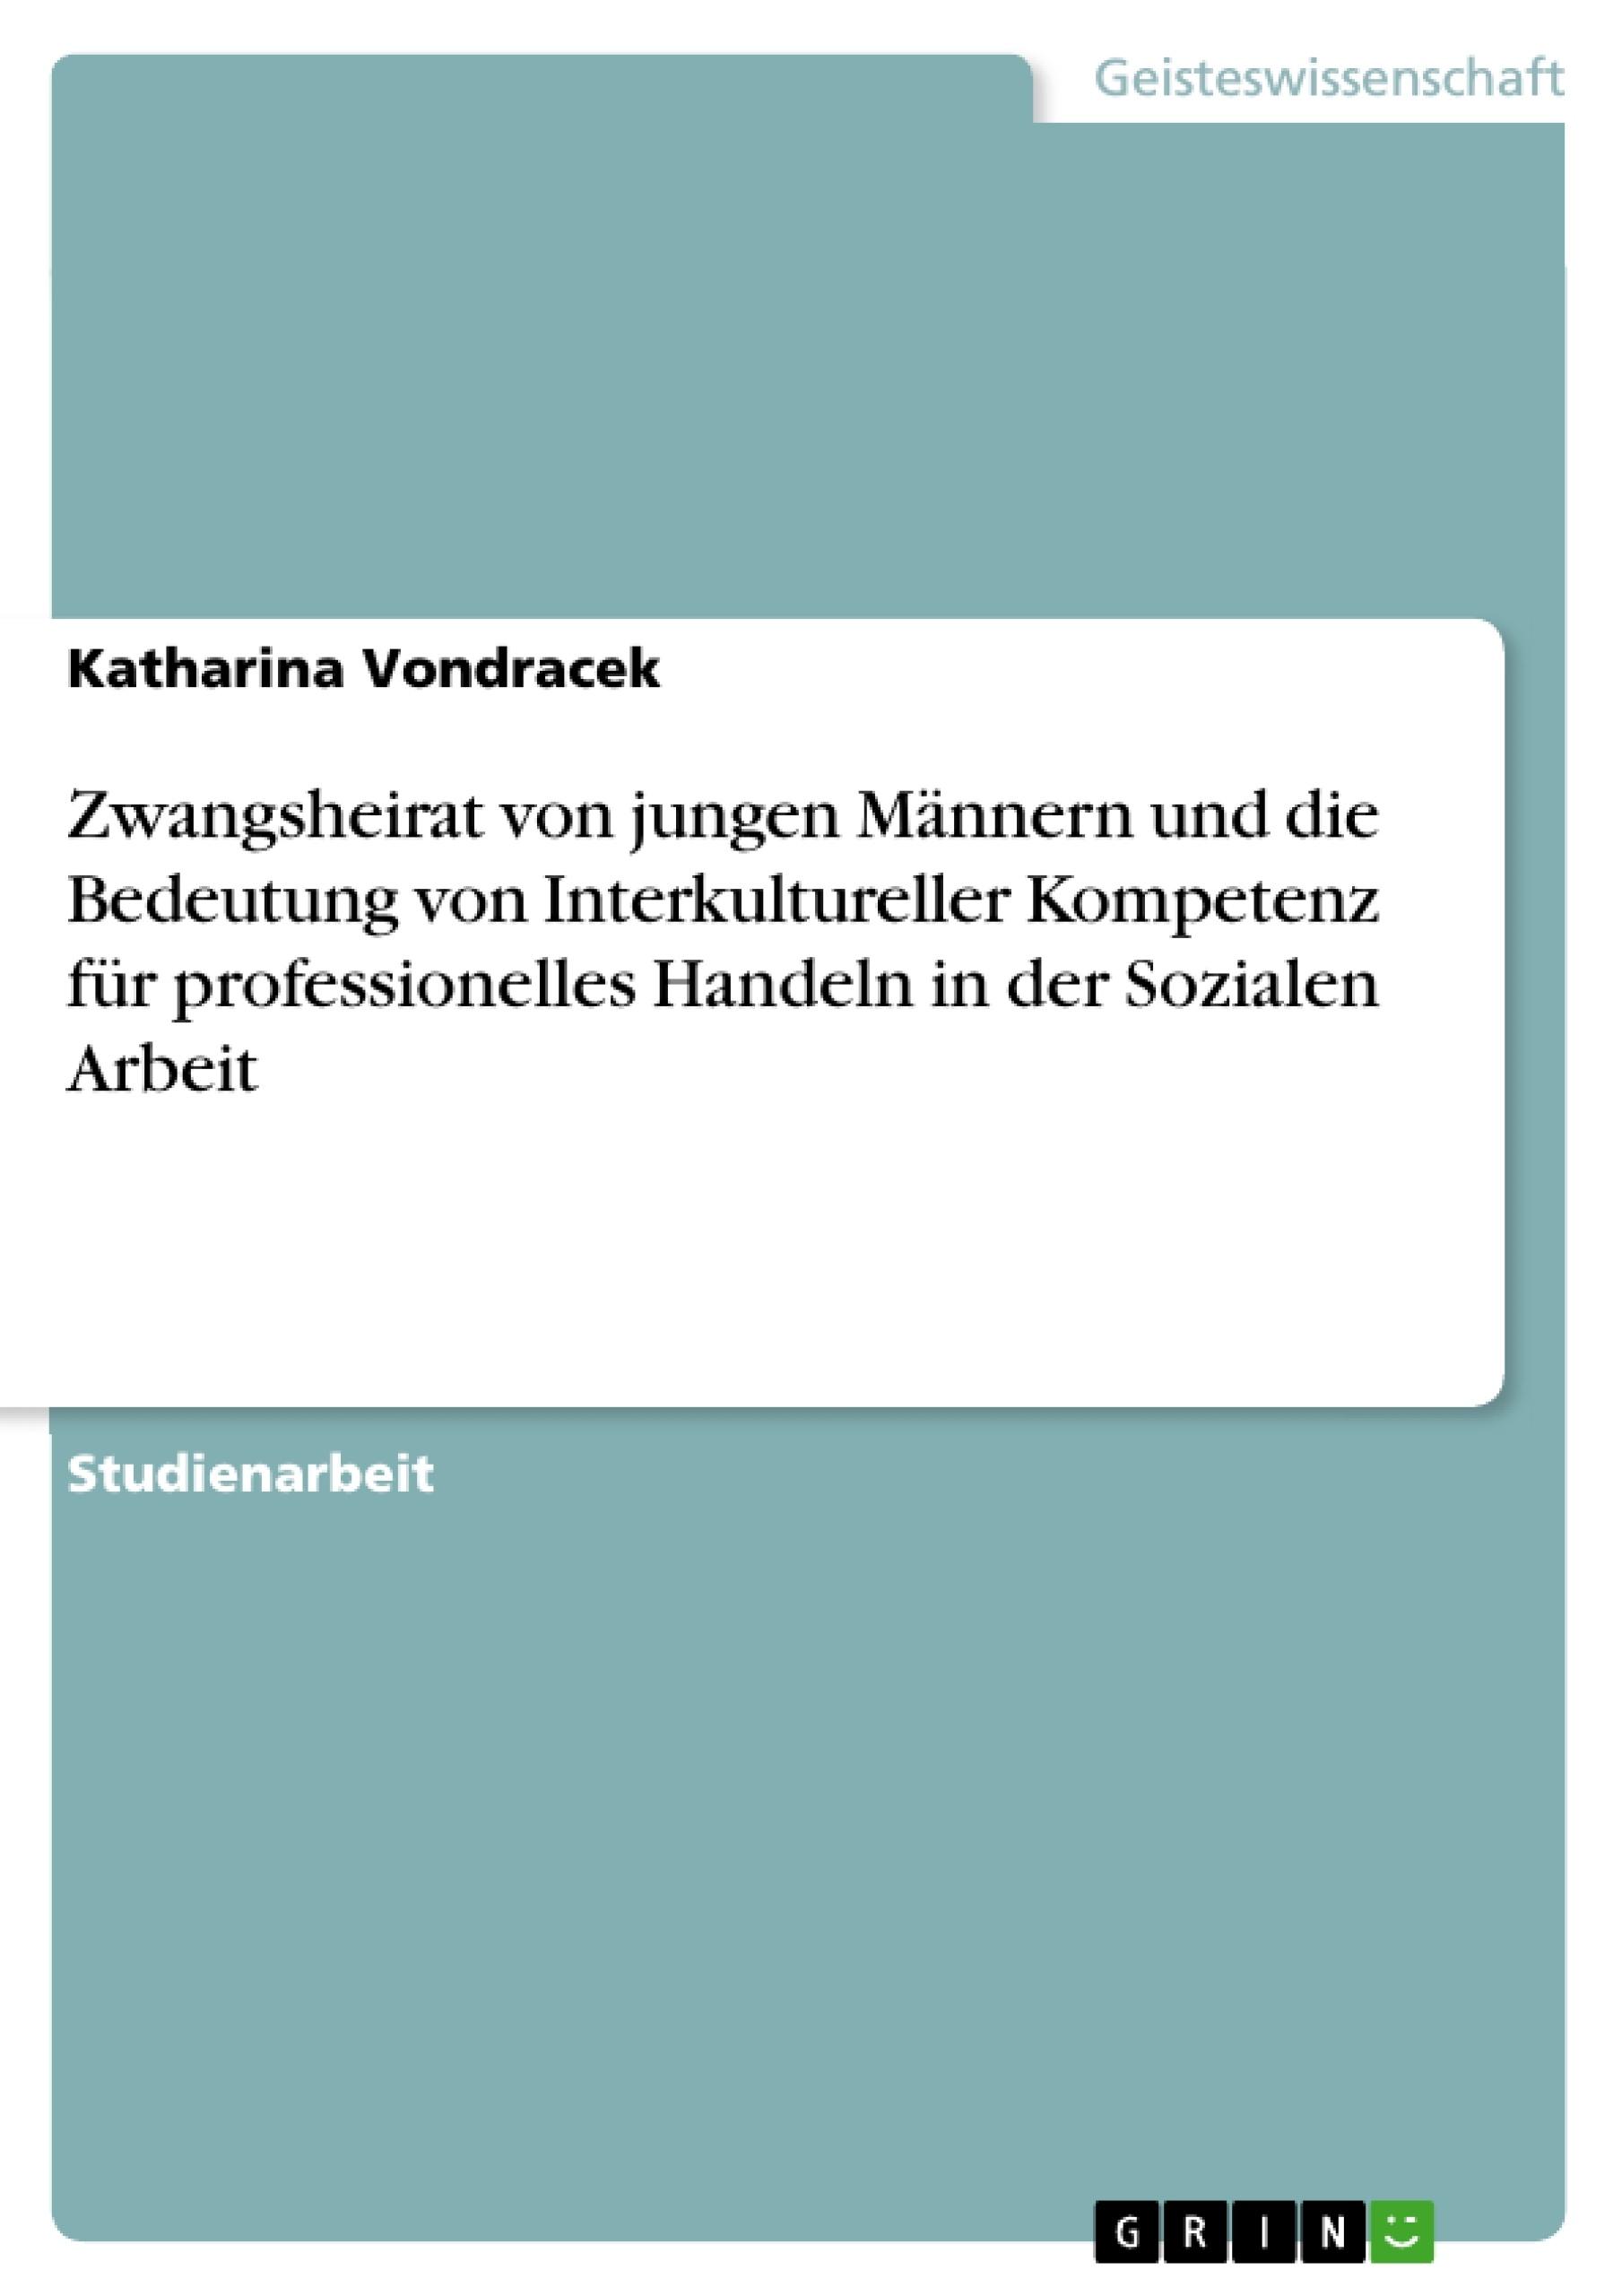 Titel: Zwangsheirat von jungen Männern und die Bedeutung von Interkultureller Kompetenz für professionelles Handeln in der Sozialen Arbeit